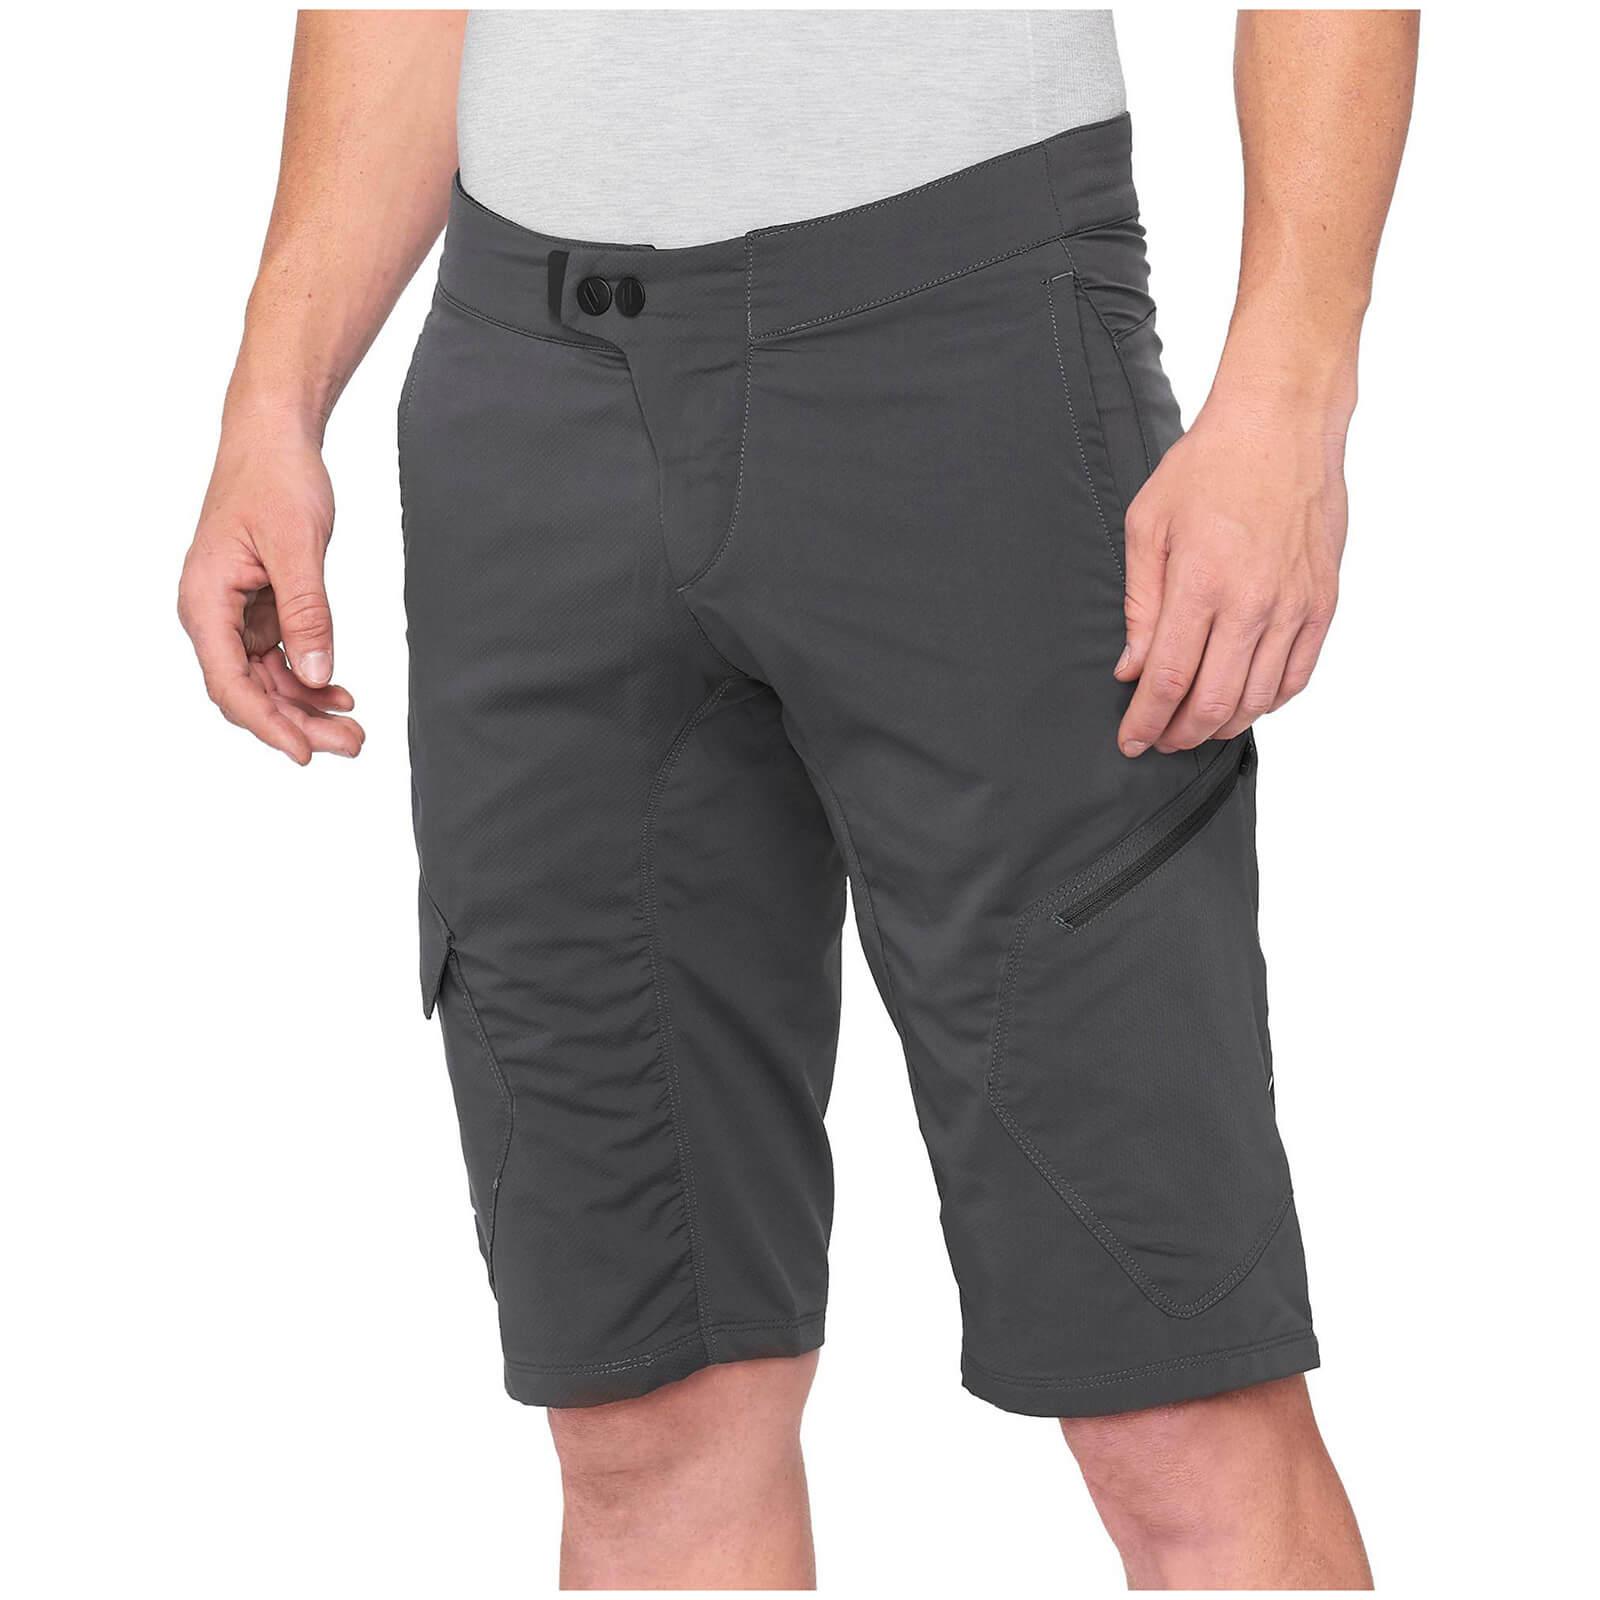 100% Ridecamp MTB Shorts - 36 - Charcoal